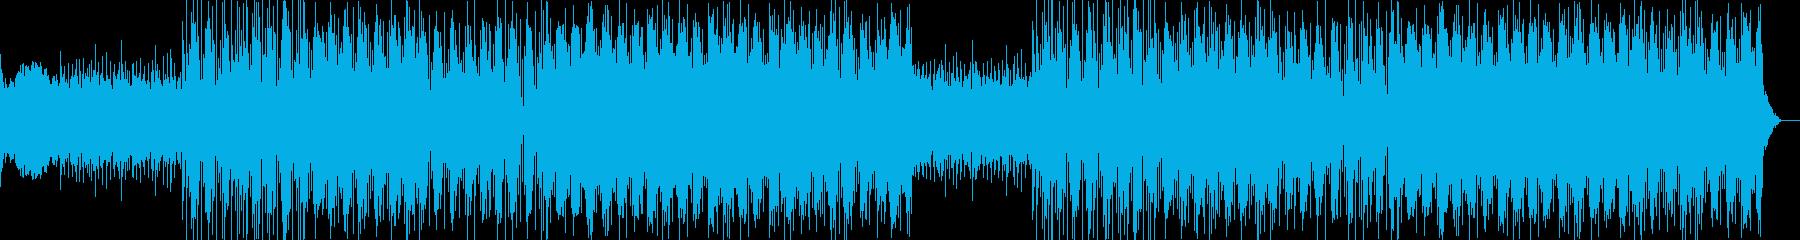 スローペースなエレキギターサウンドの再生済みの波形